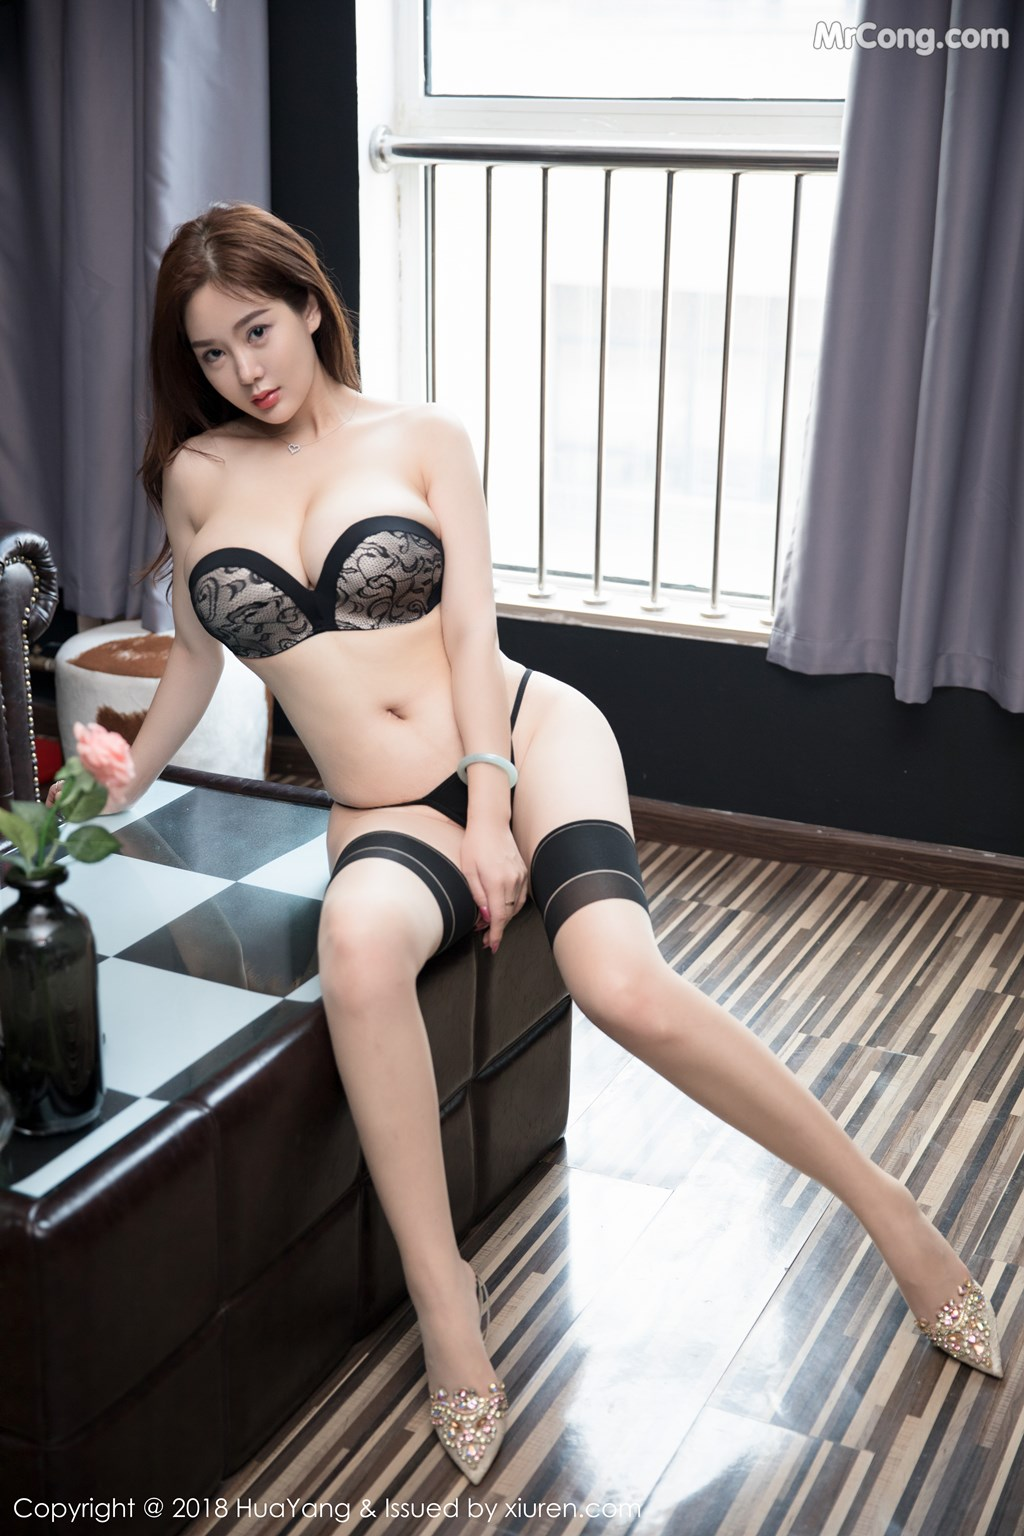 Image HuaYang-2018-08-09-Vol.068-Silvia-MrCong.com-036 in post HuaYang 2018-08-09 Vol.068: Người mẫu 易阳Silvia (41 ảnh)